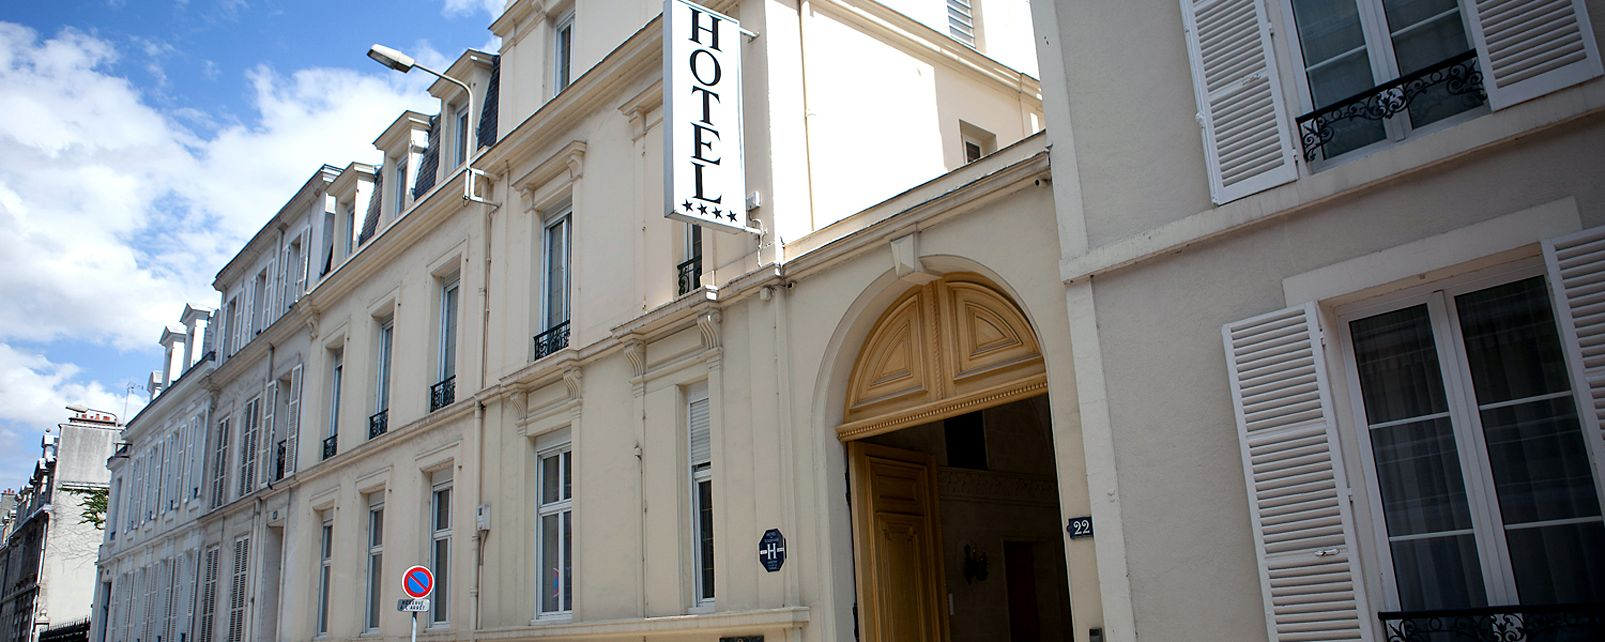 Hôtel Grand Hôtel des Templiers